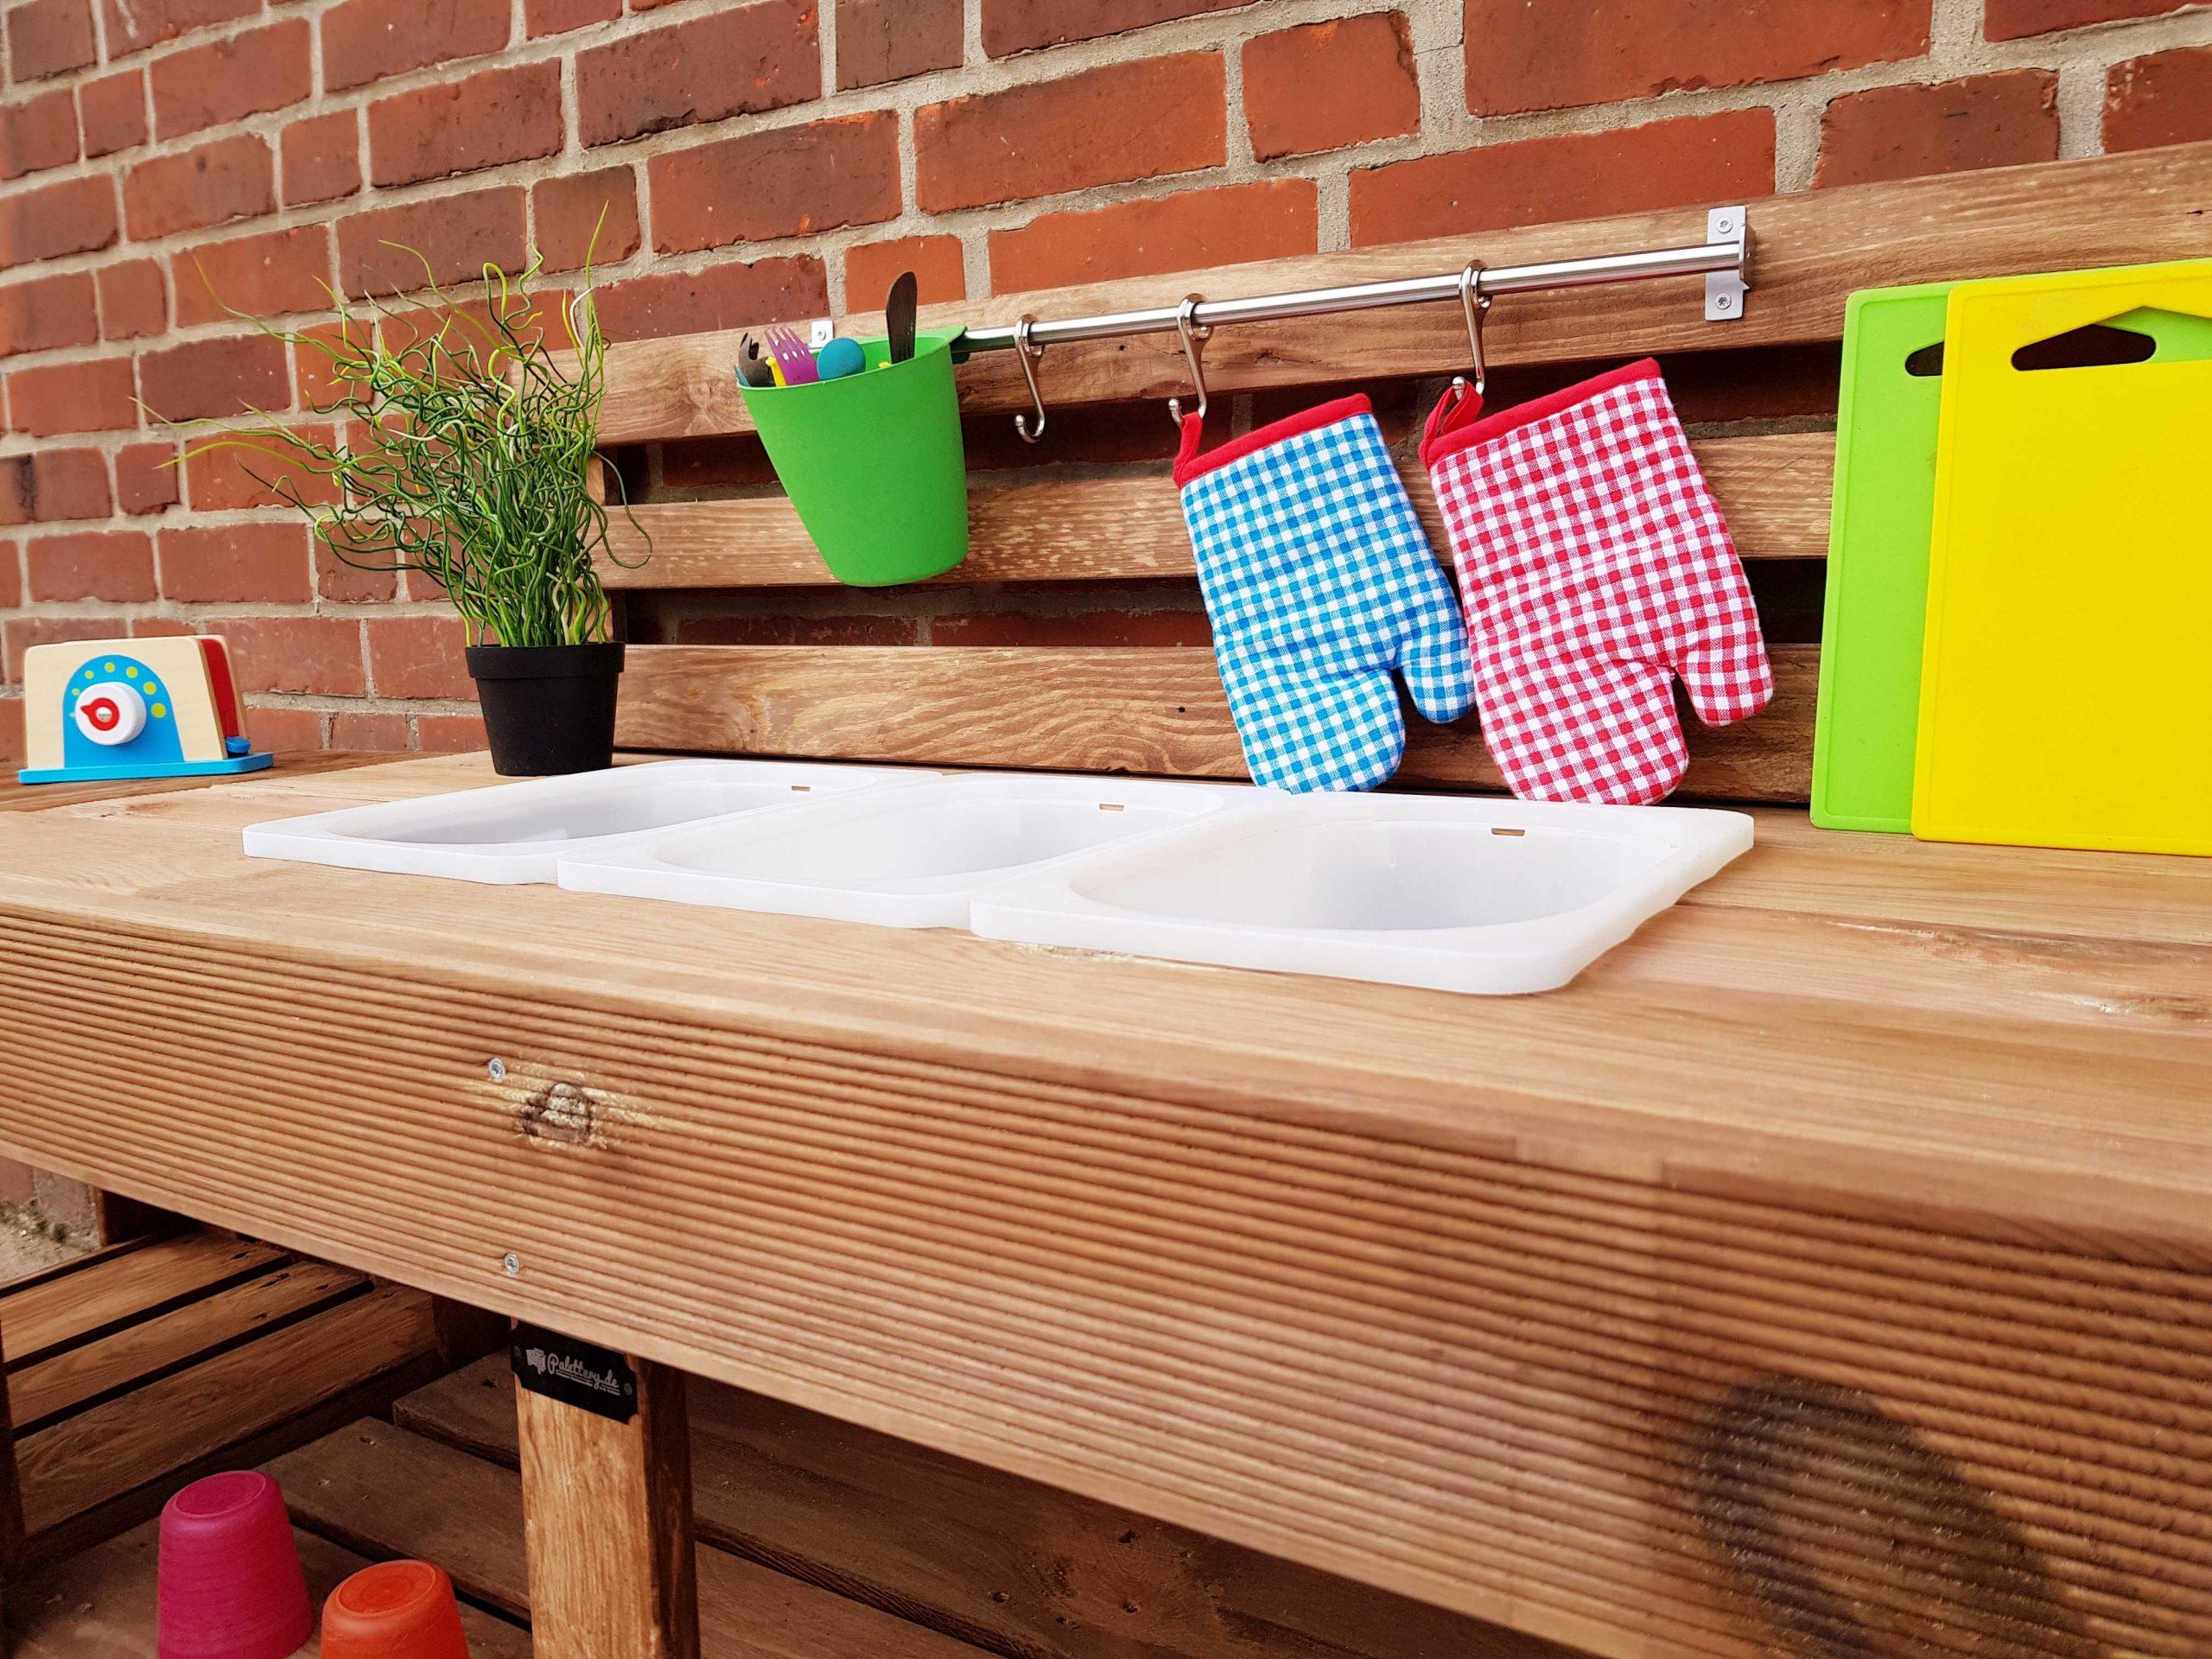 Full Size of Matschkche Kinderkche Aus Paletten Holz Xlmp 1 9 Paletteryde Deckenleuchten Küche Moderne Landhausküche Vorhang Nolte Weiße Segmüller Eckunterschrank Wohnzimmer Paletten Küche